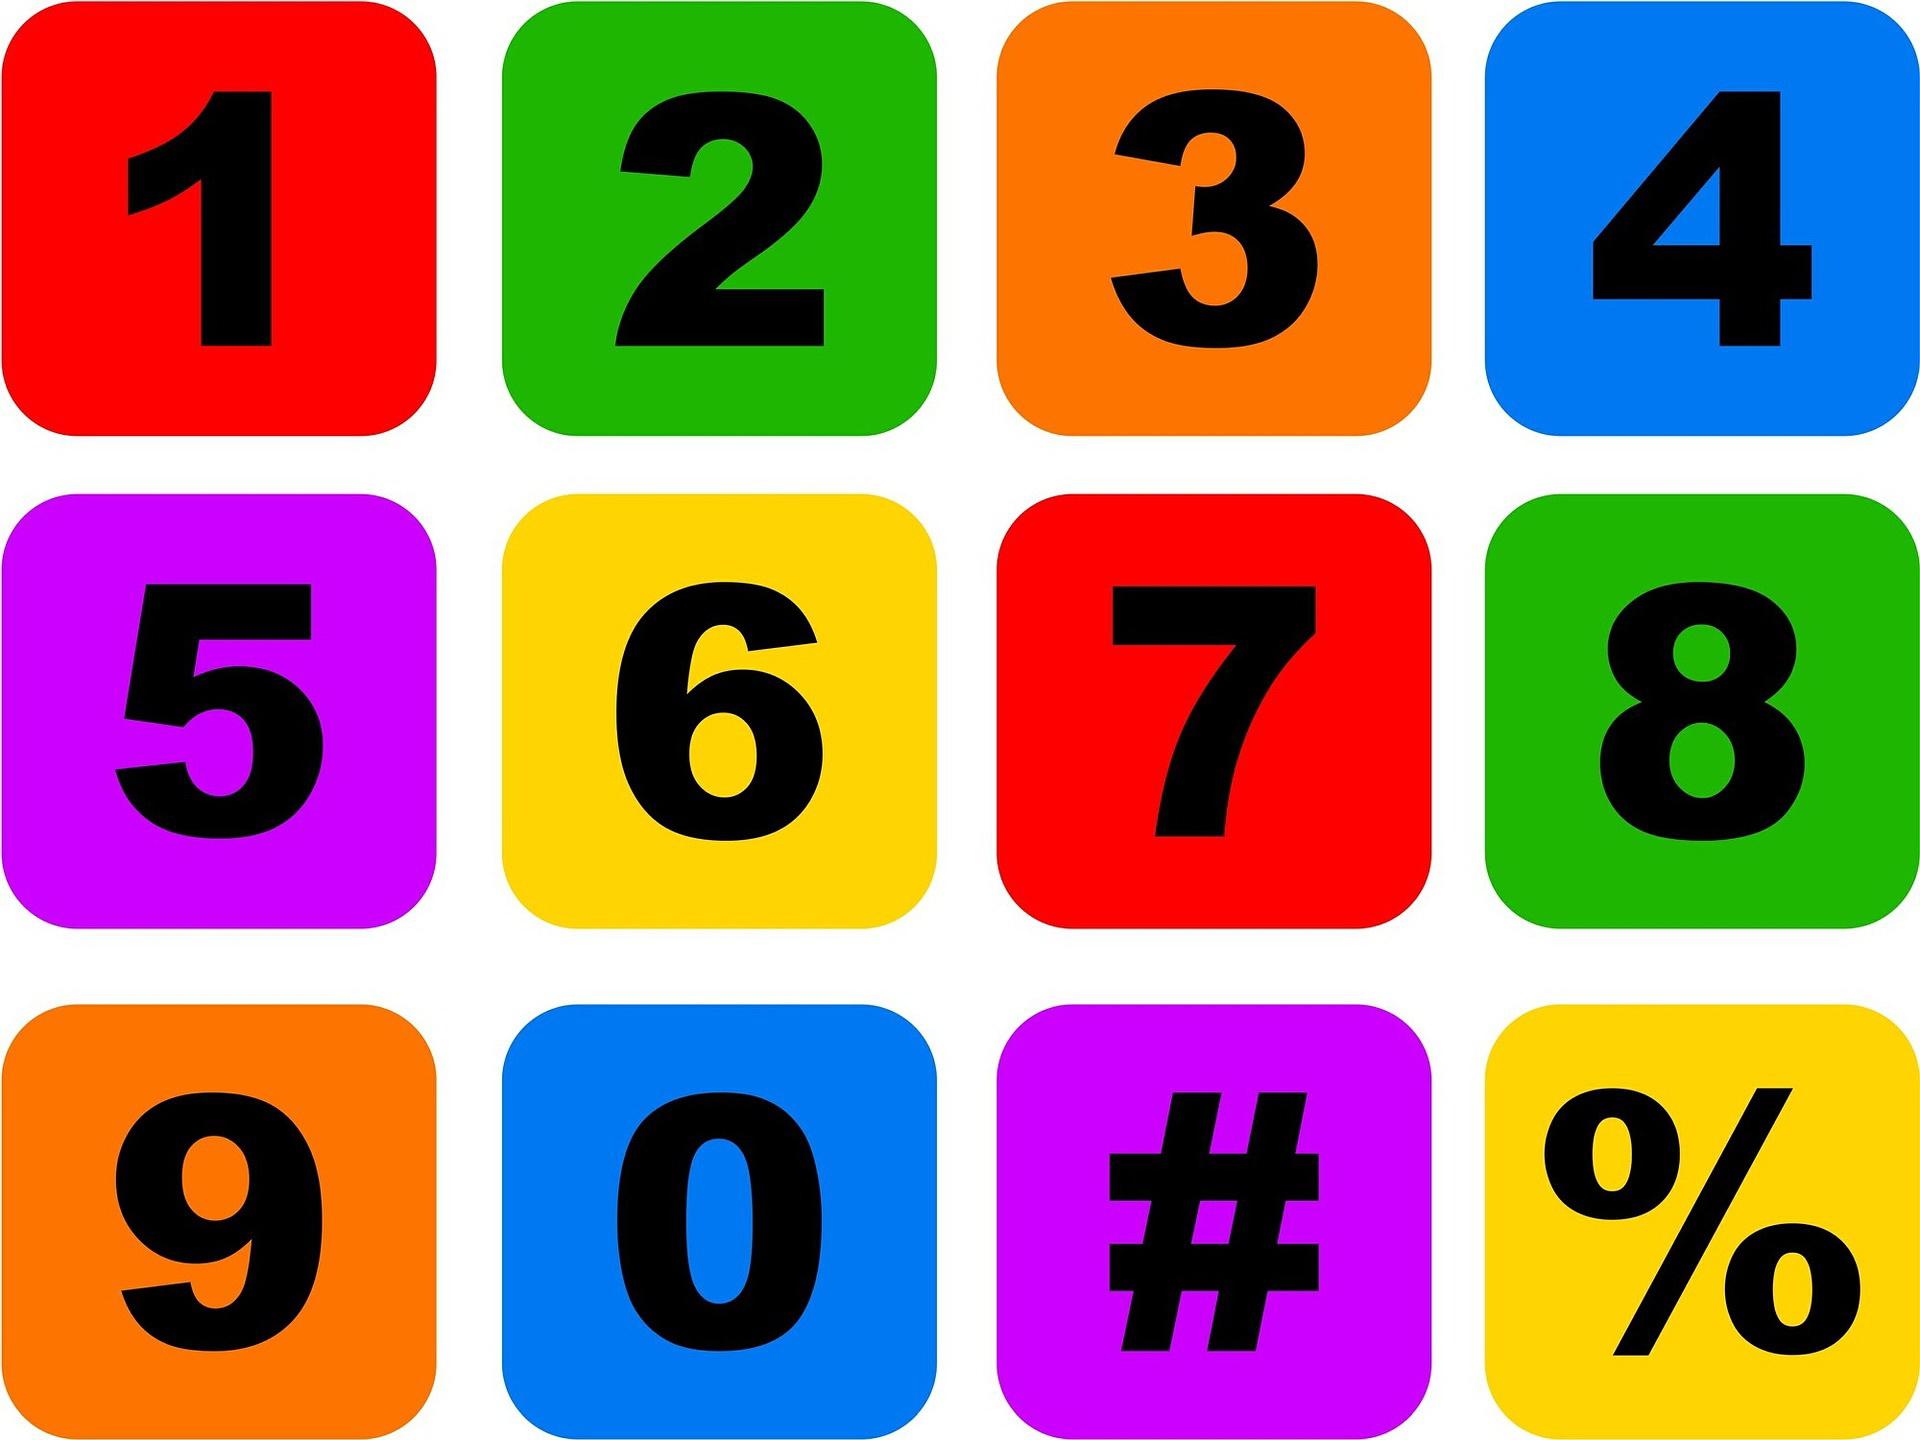 zagadki matematyczne z odpowiedziami